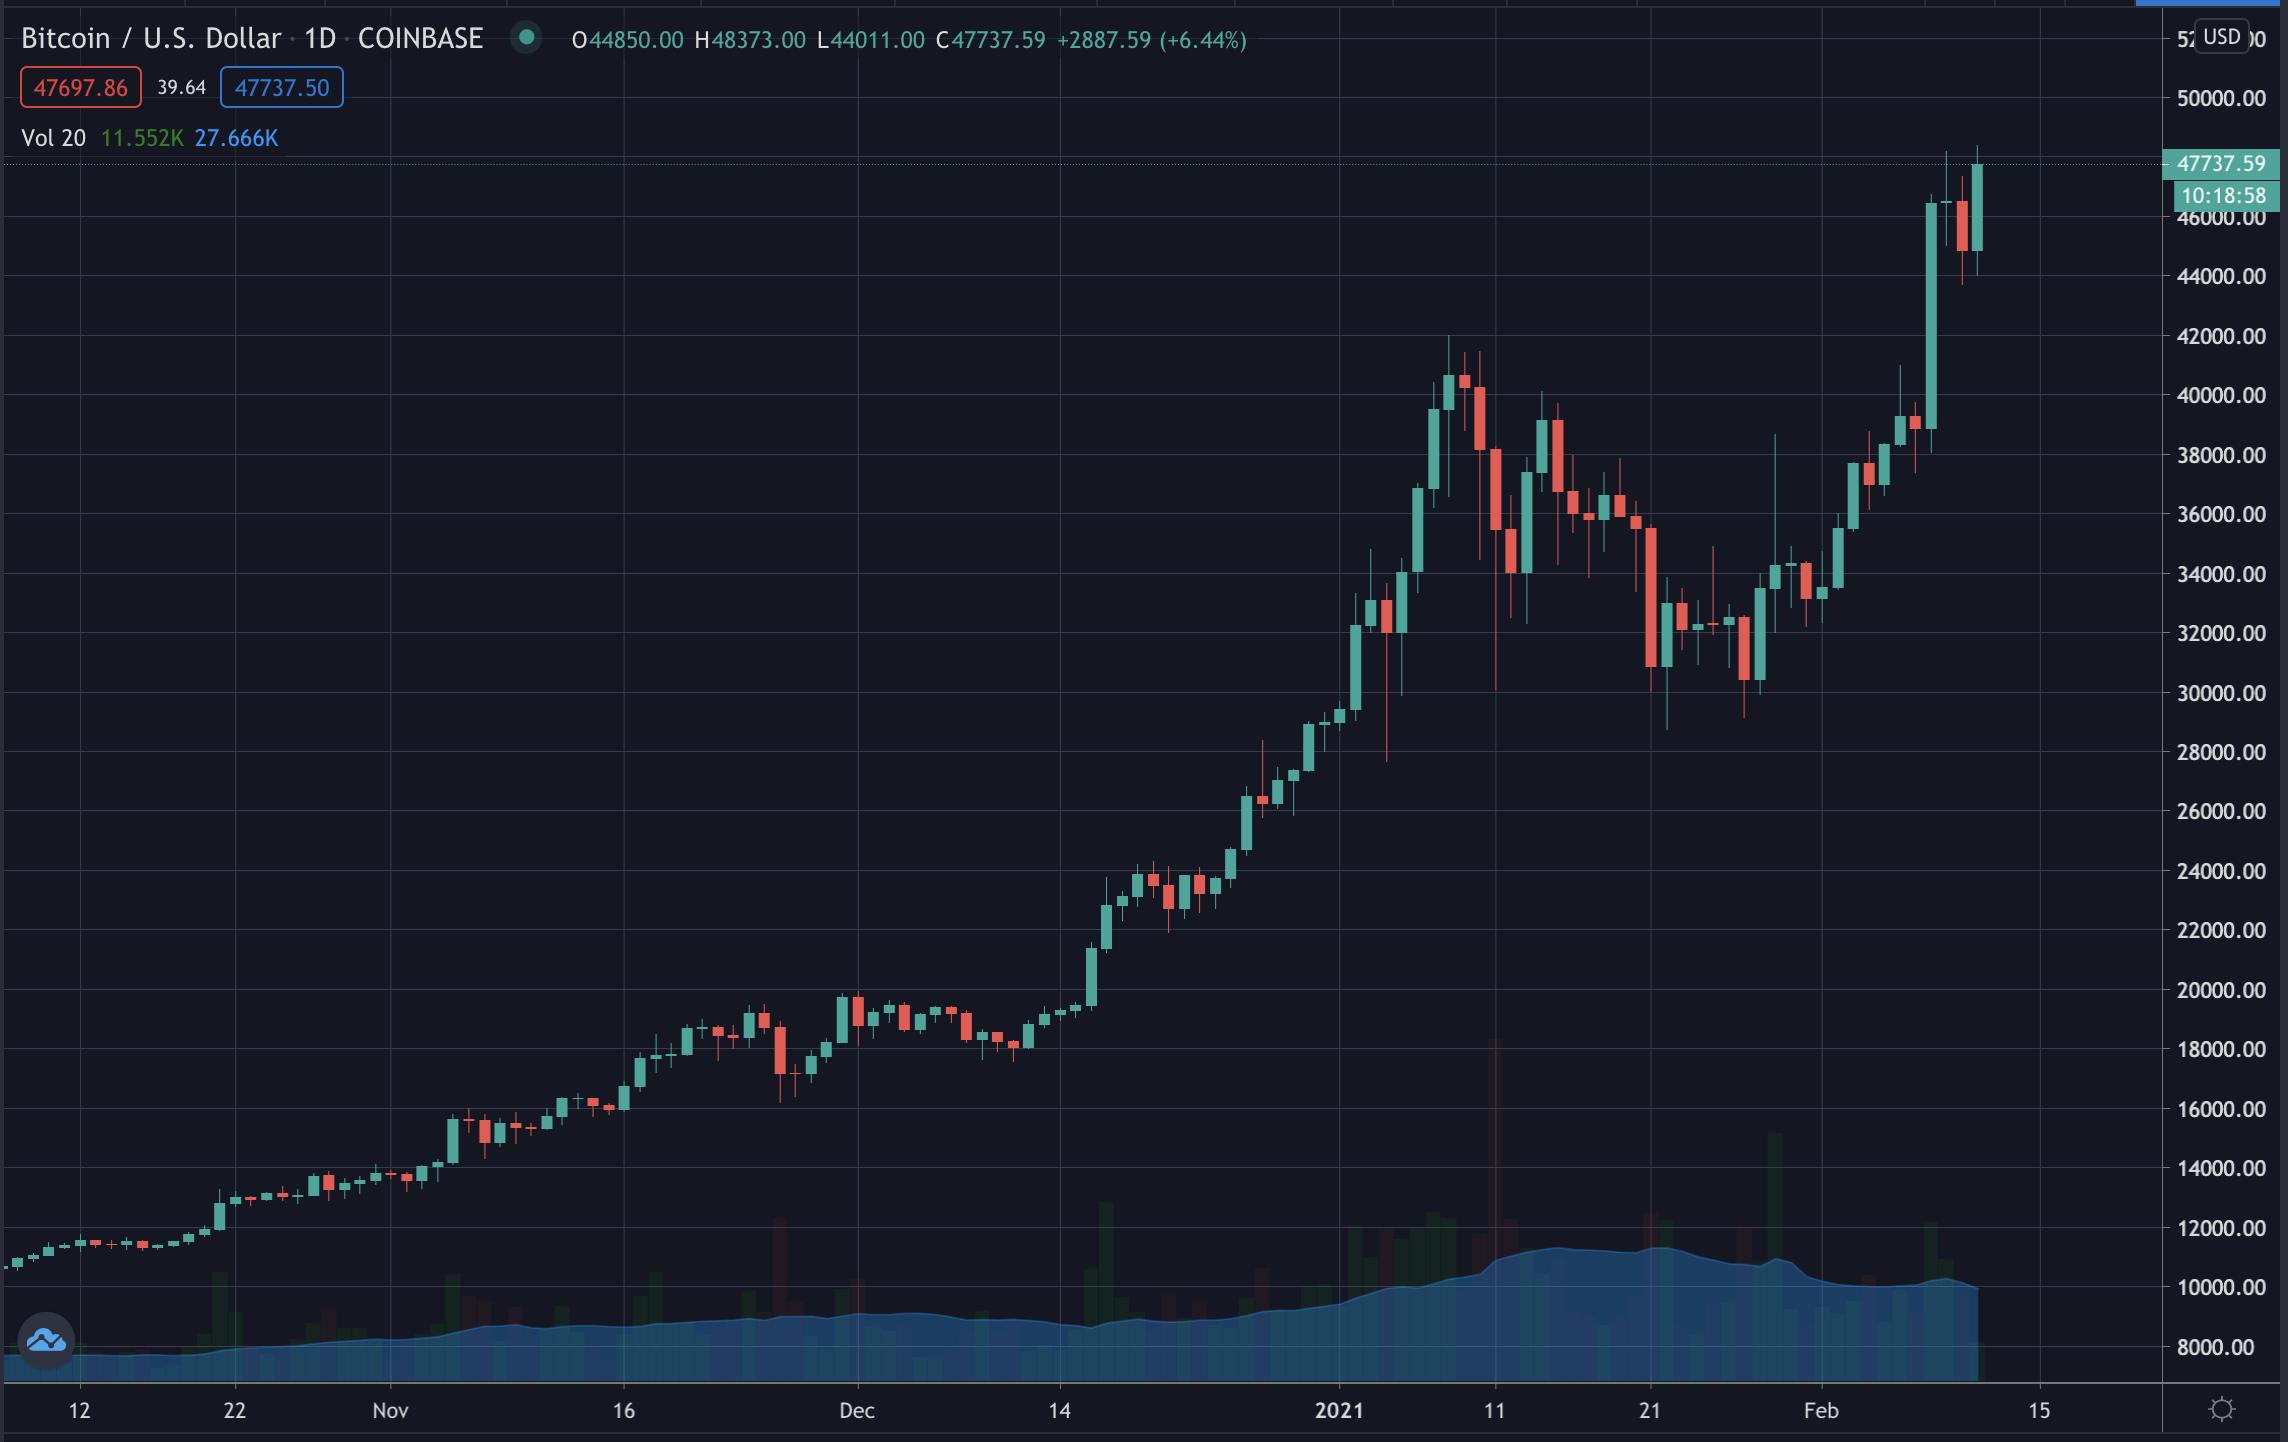 Bitcoin Nears $50,000